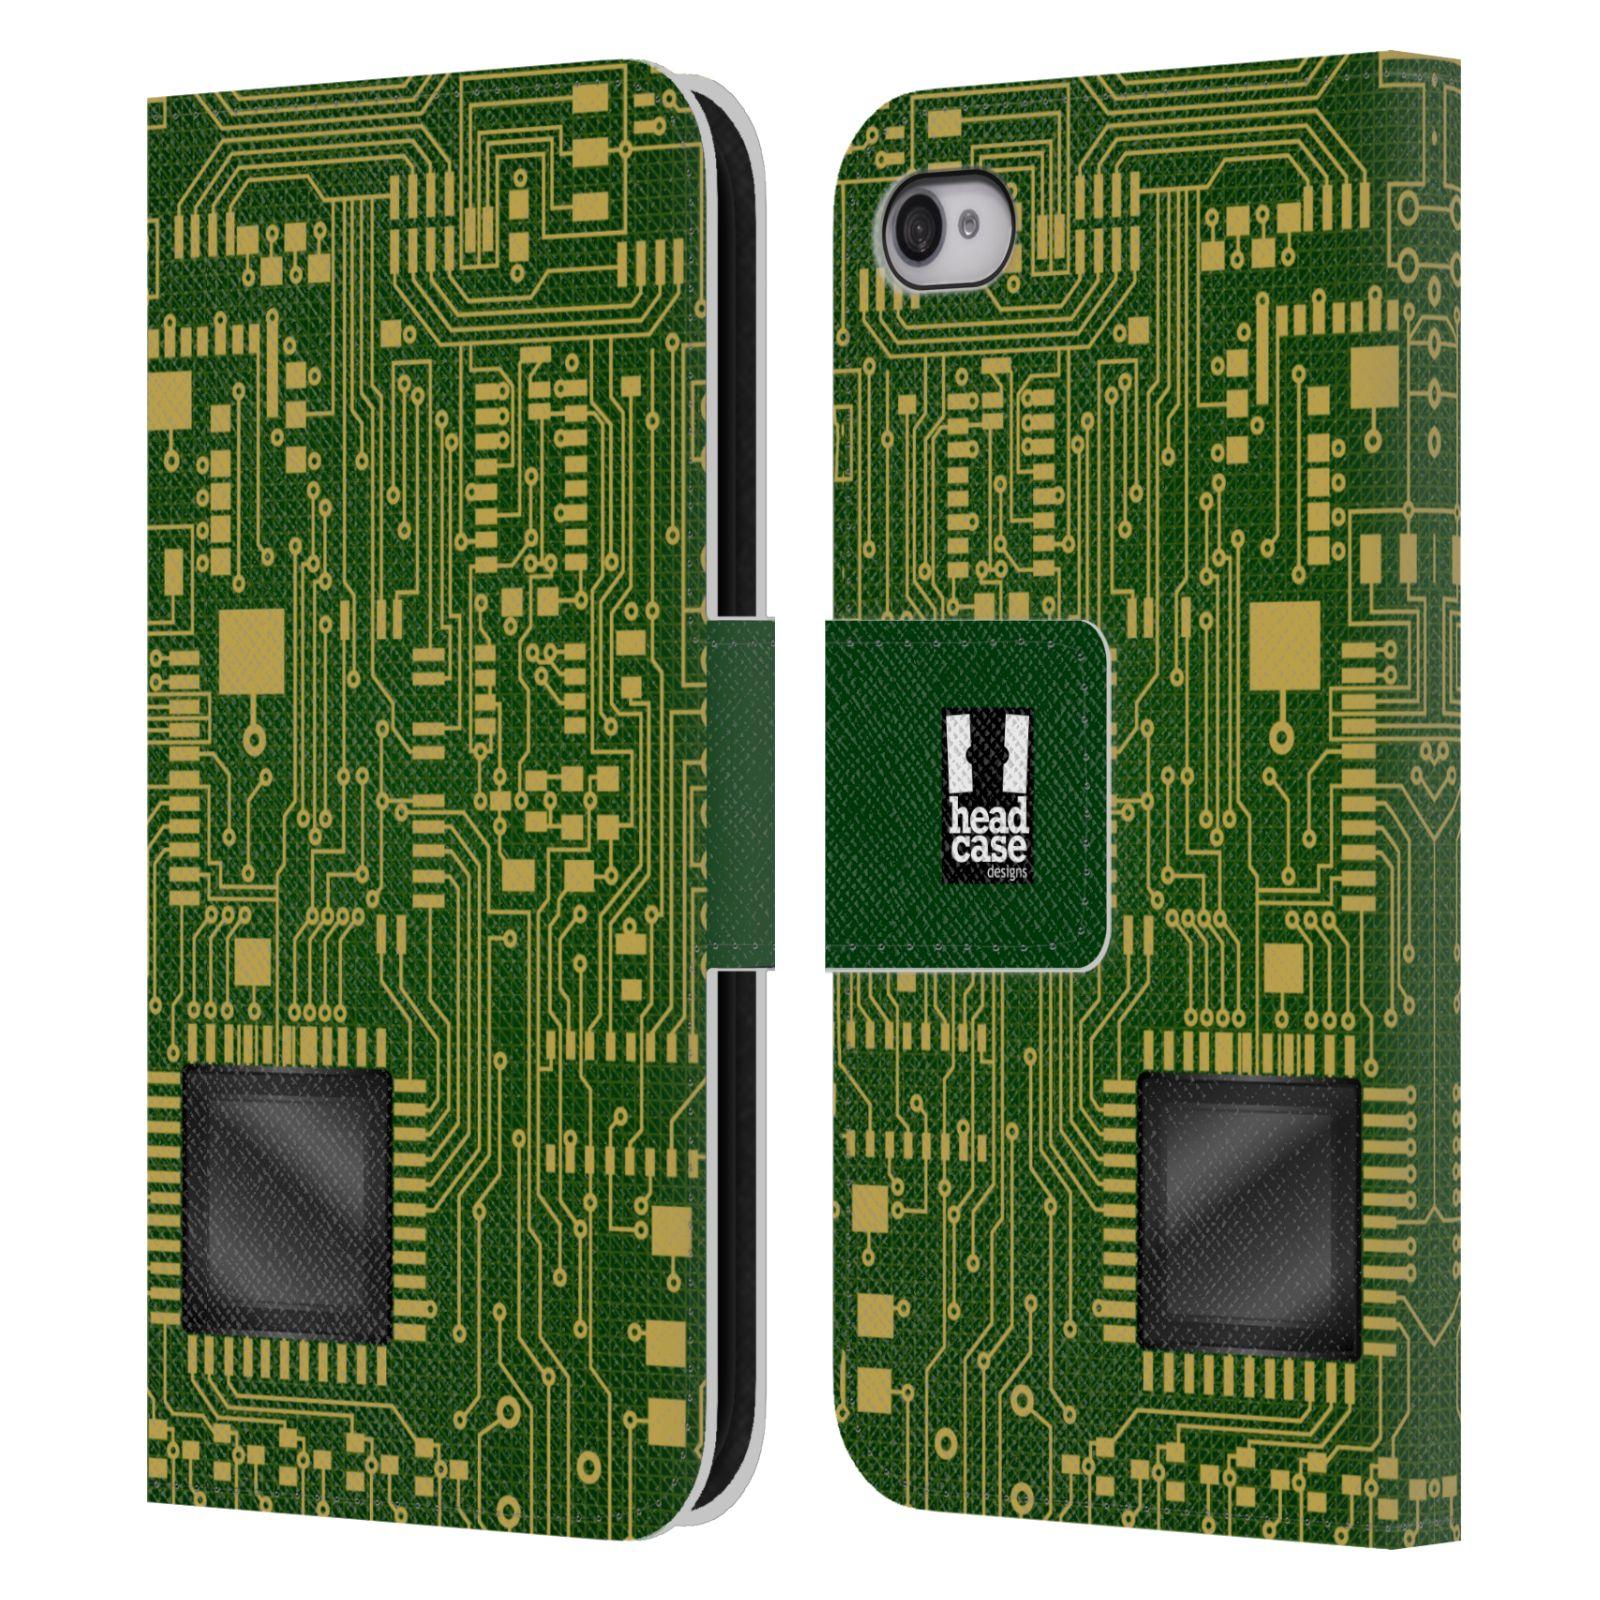 HEAD CASE Flipové pouzdro pro mobil Apple Iphone 4/4s počítač základní deska zelená barva velký čip